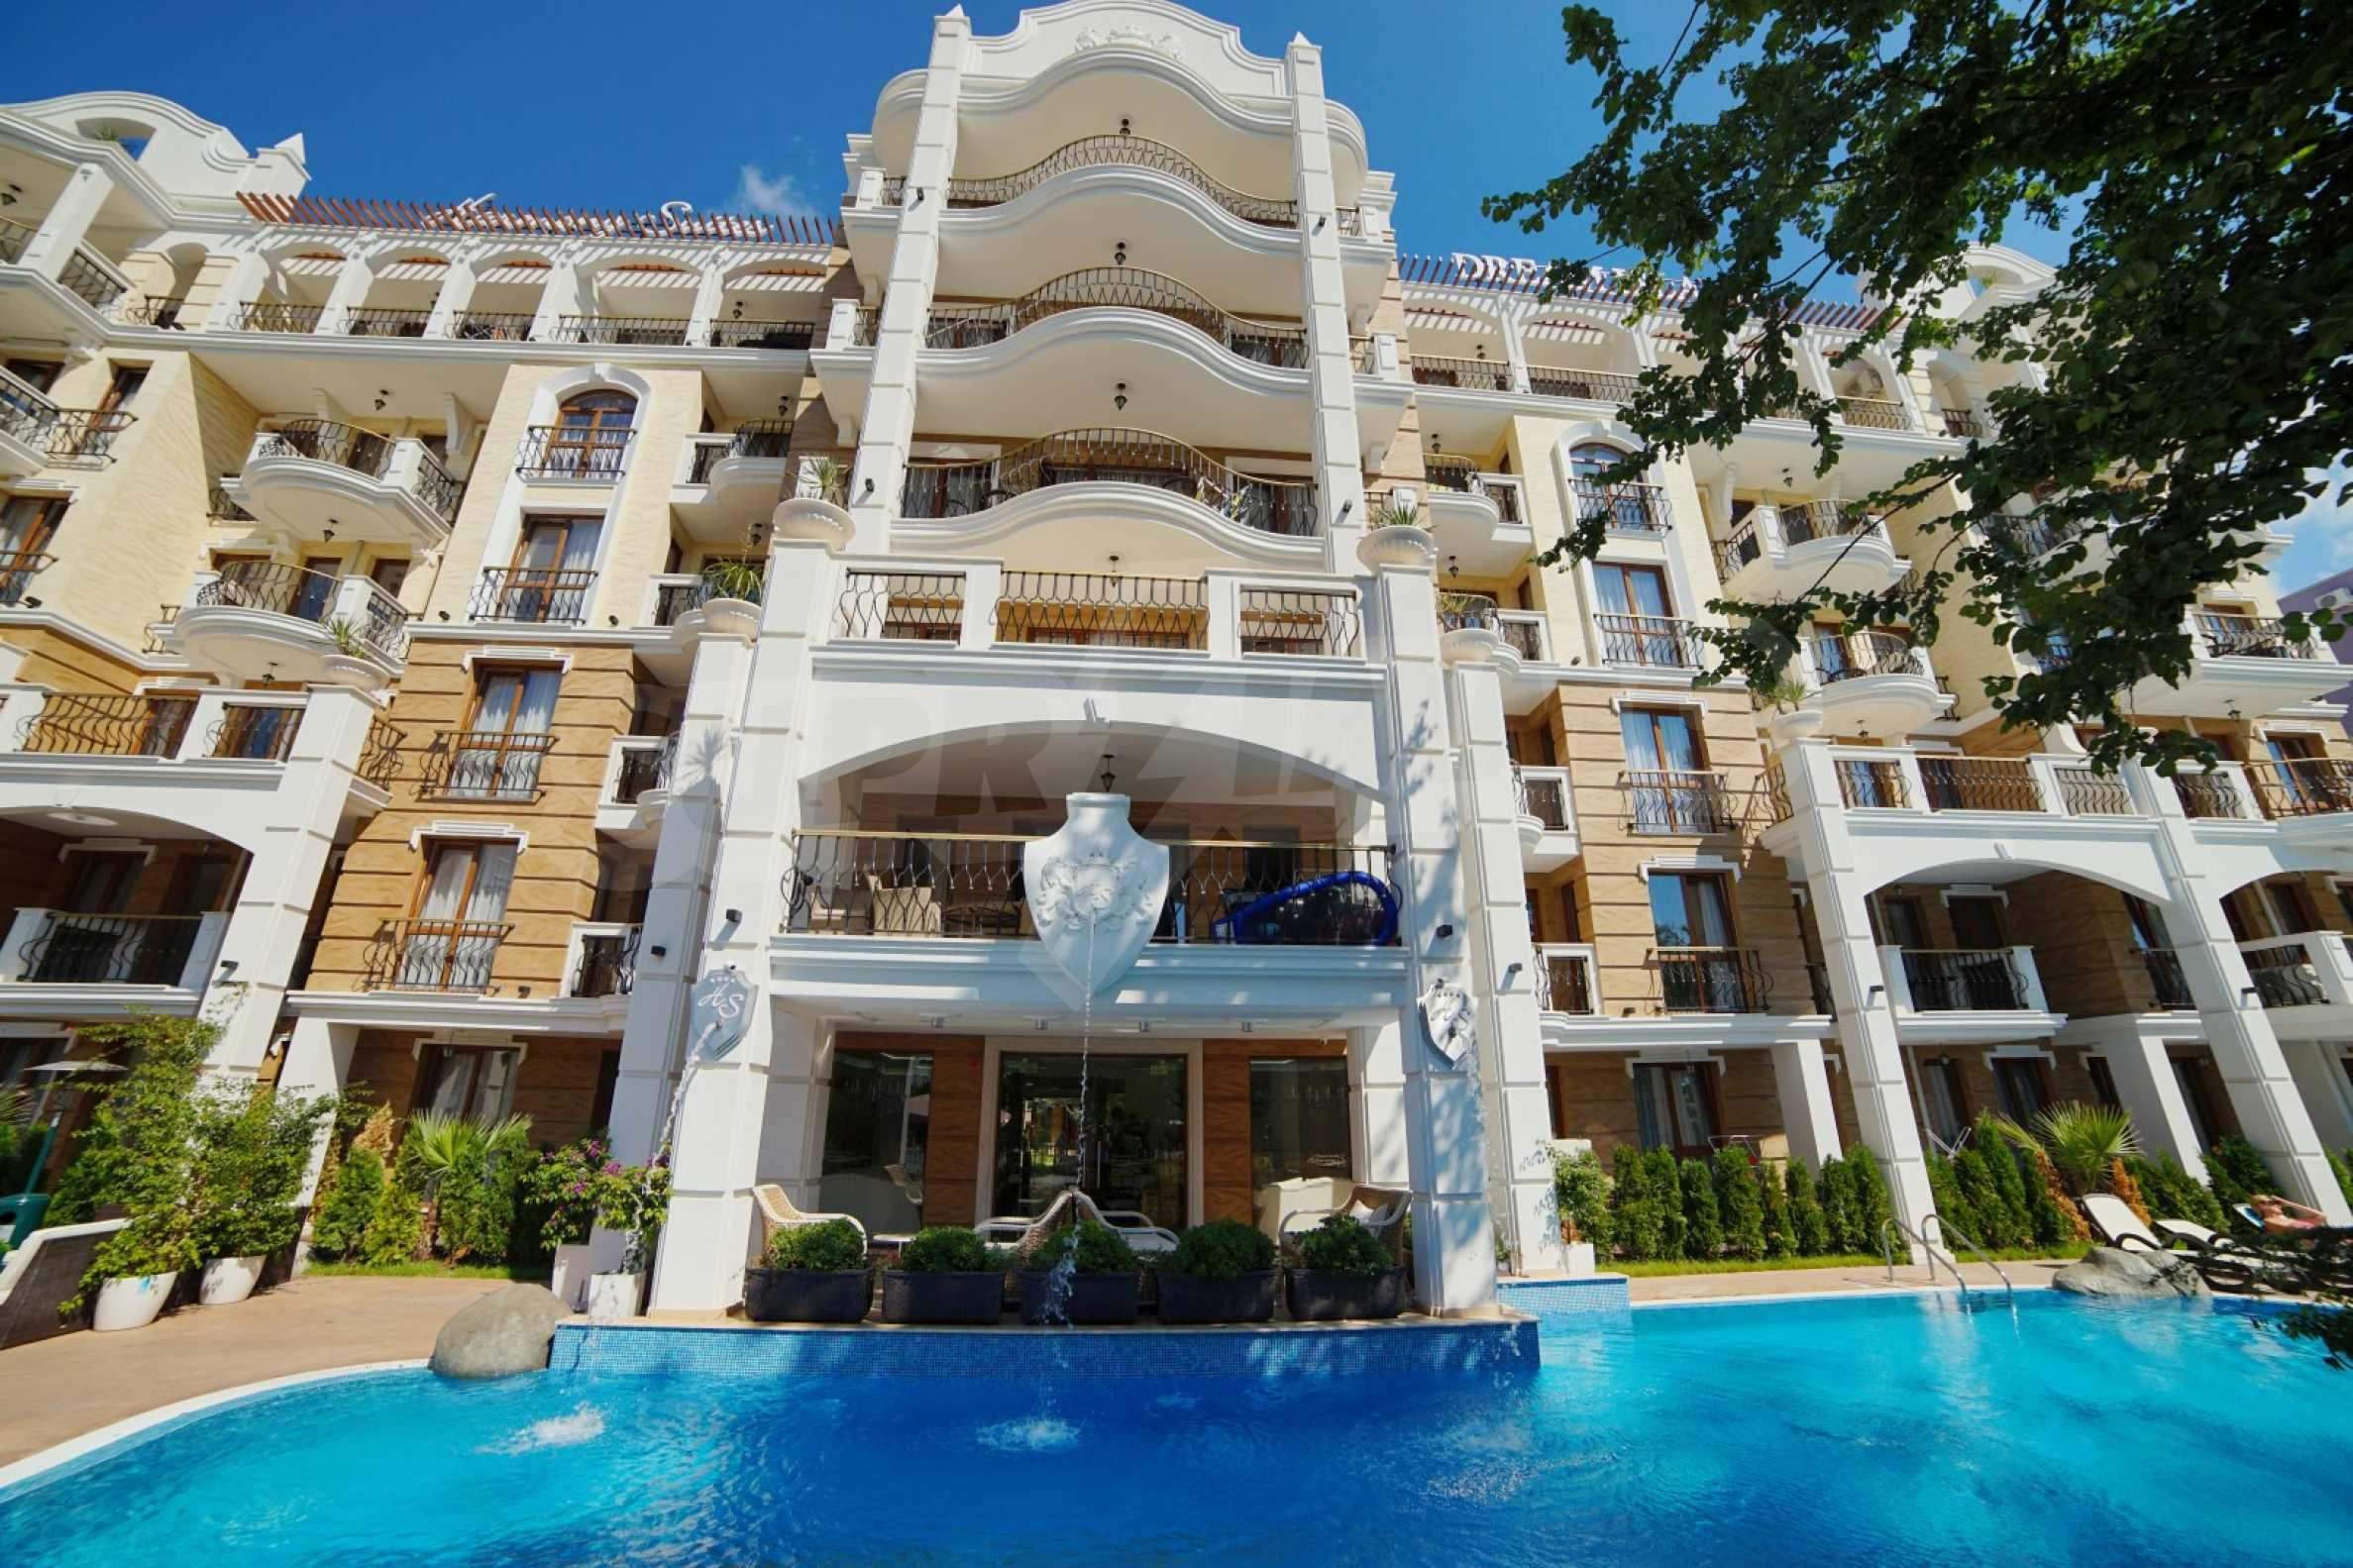 Sommersaison 2021! Auswahl an Mietwohnungen im Komplex der Premiumklasse 24